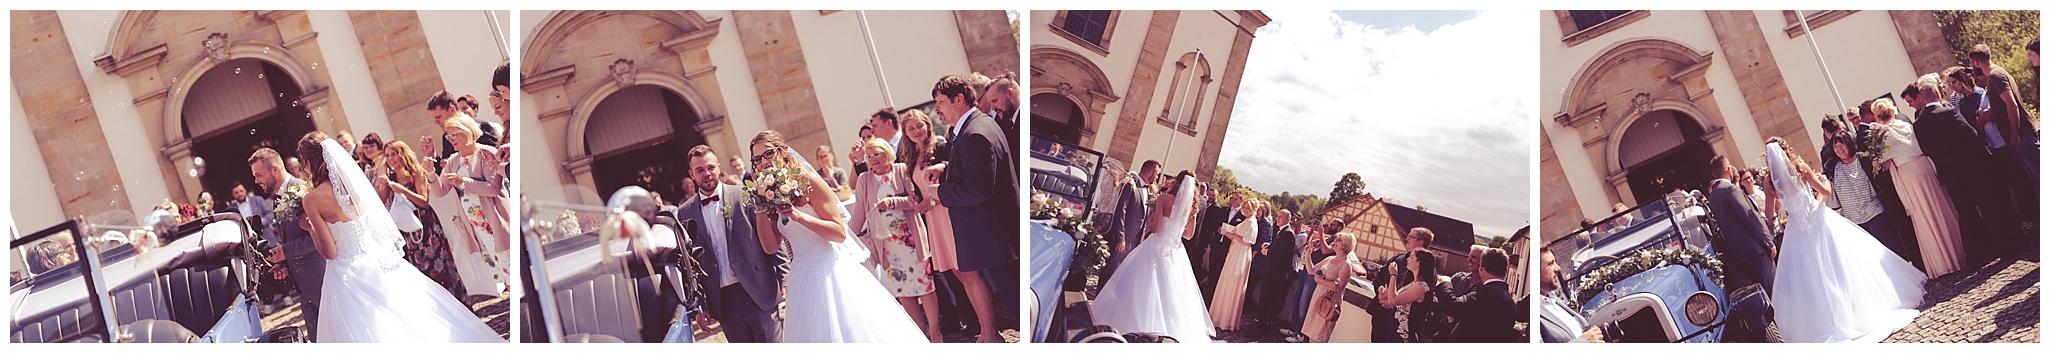 Hochzeit_Menninger_dieLICHTBUILDER_44.jpg